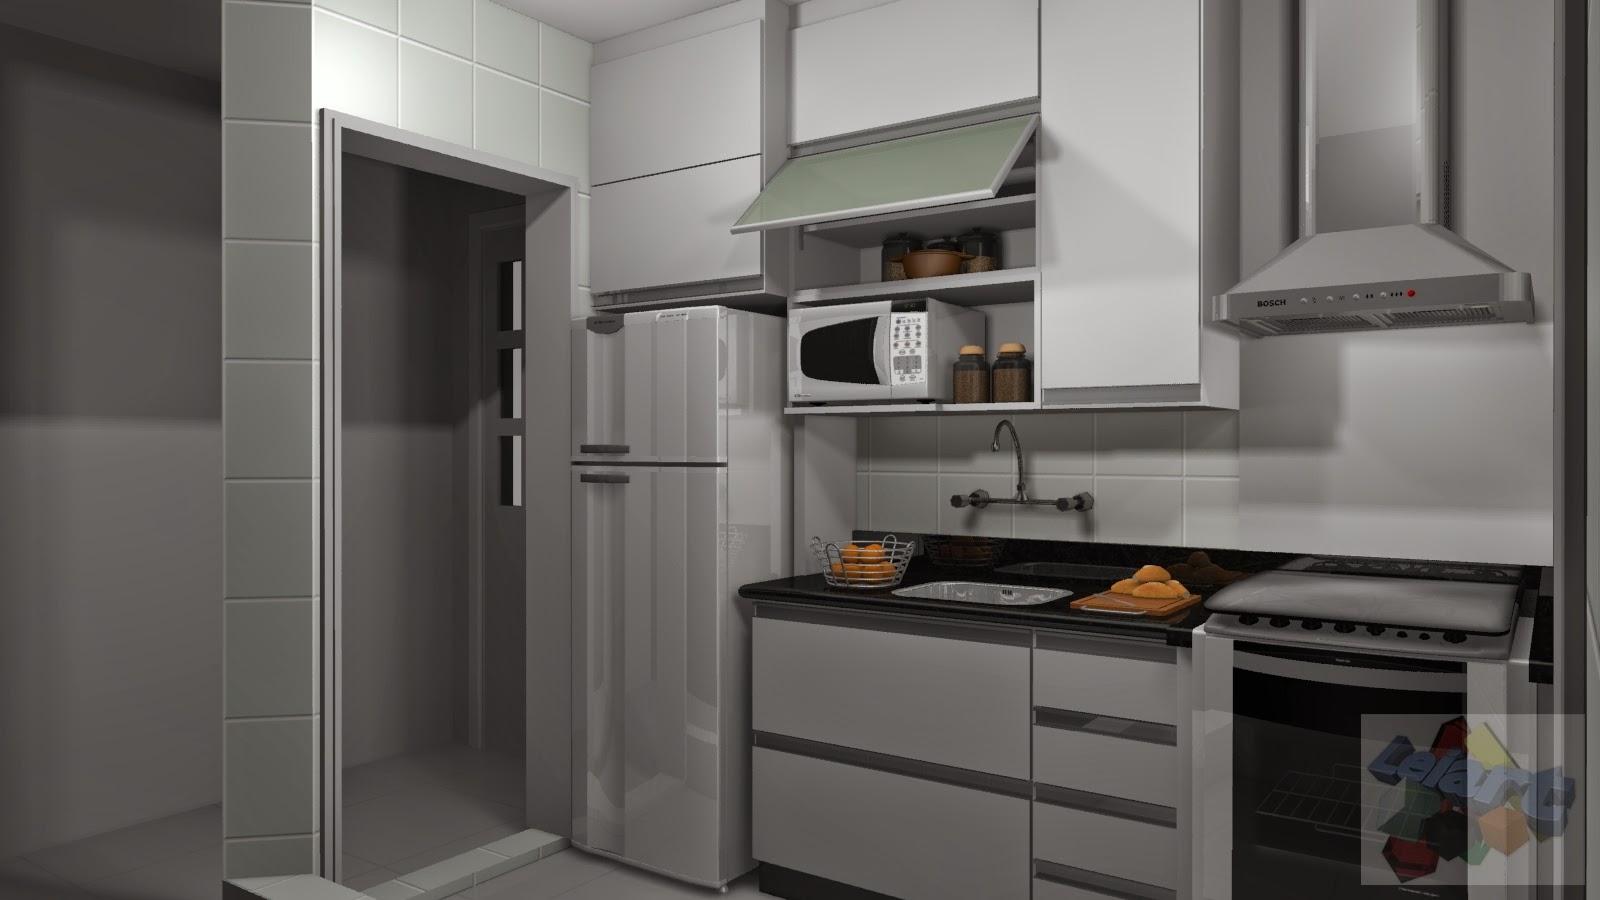 cozinha planejadas pequenas decorada americana modulada luxo moderna #9E642D 1600 900